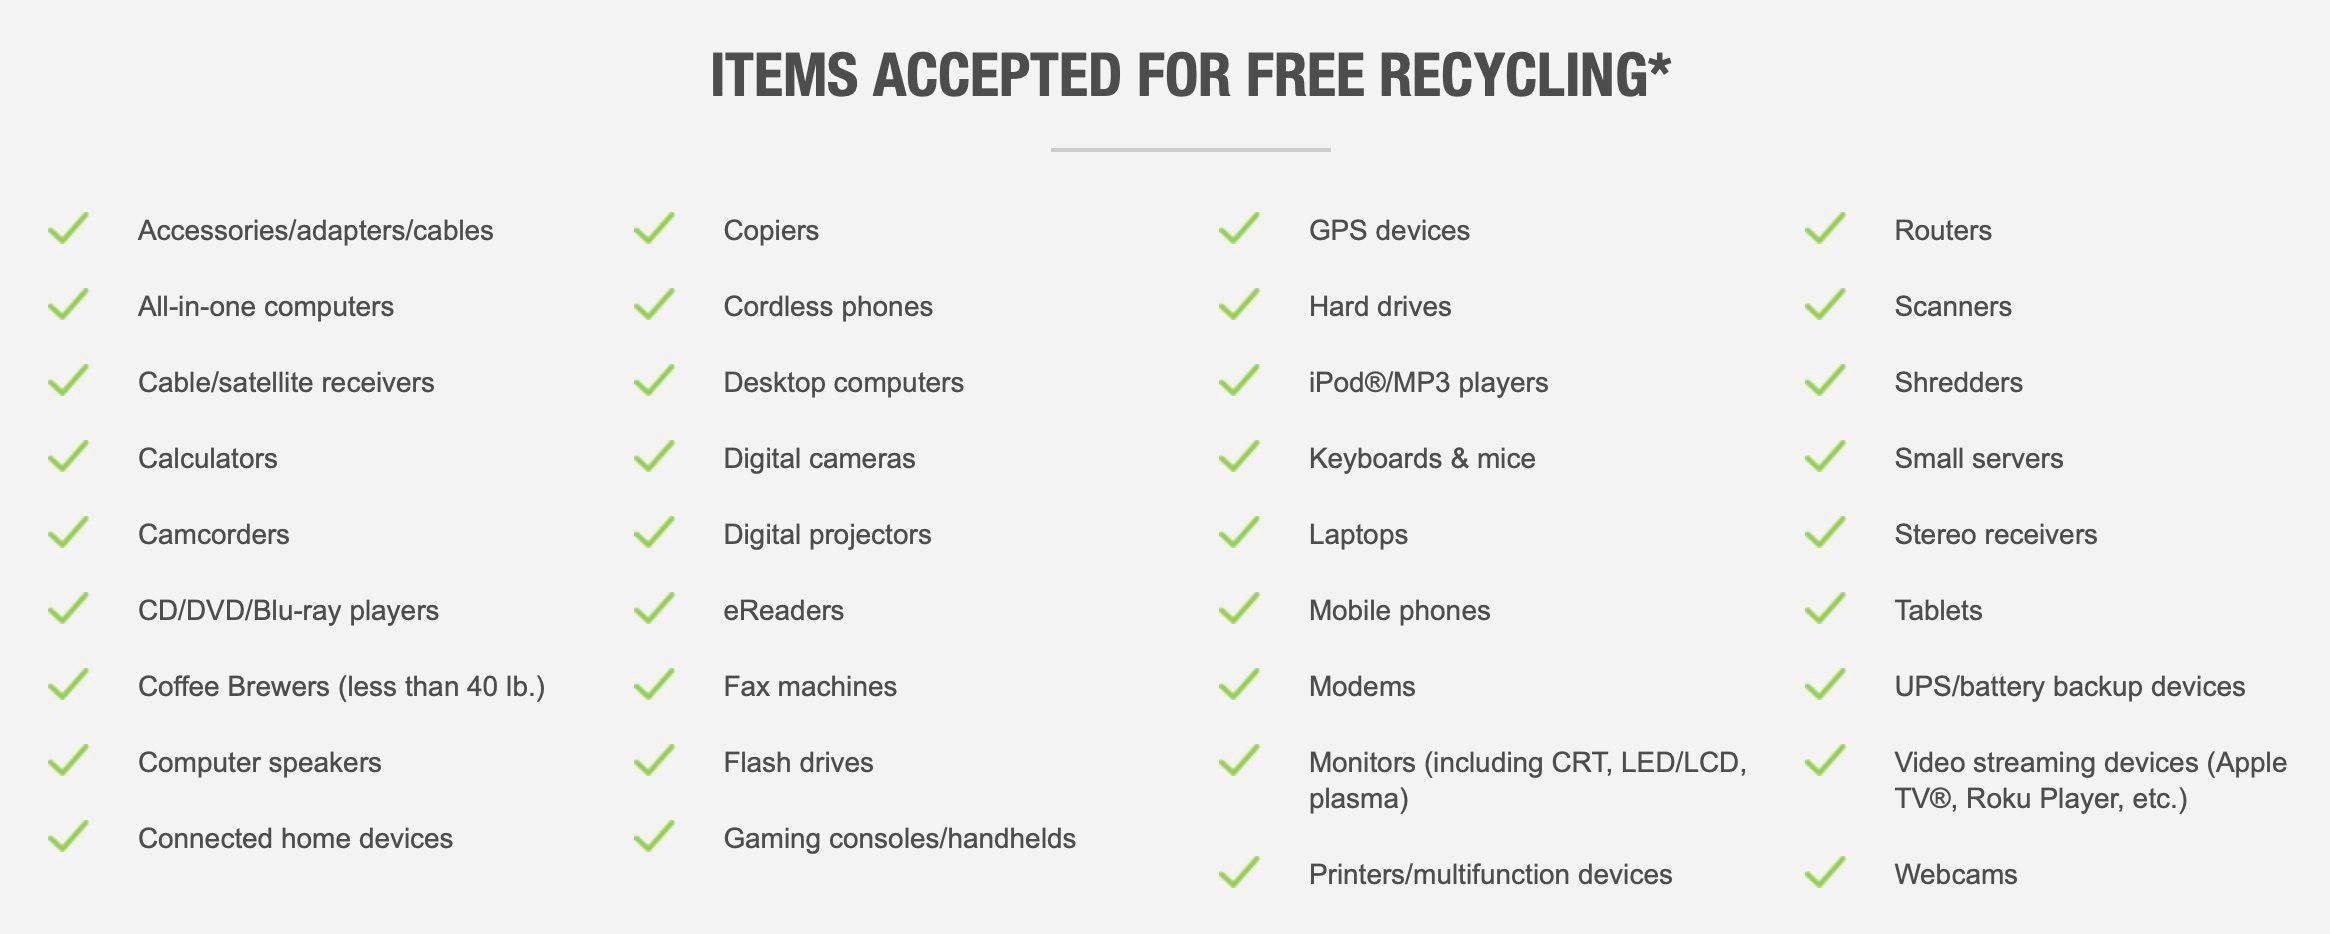 """<span href=""""https://9to5mac.com/2019/01/29/how-to-recycle-electronics/"""">Cómo reciclar electrónica de cualquier marca Apple, Best Buy y Staples</a>"""